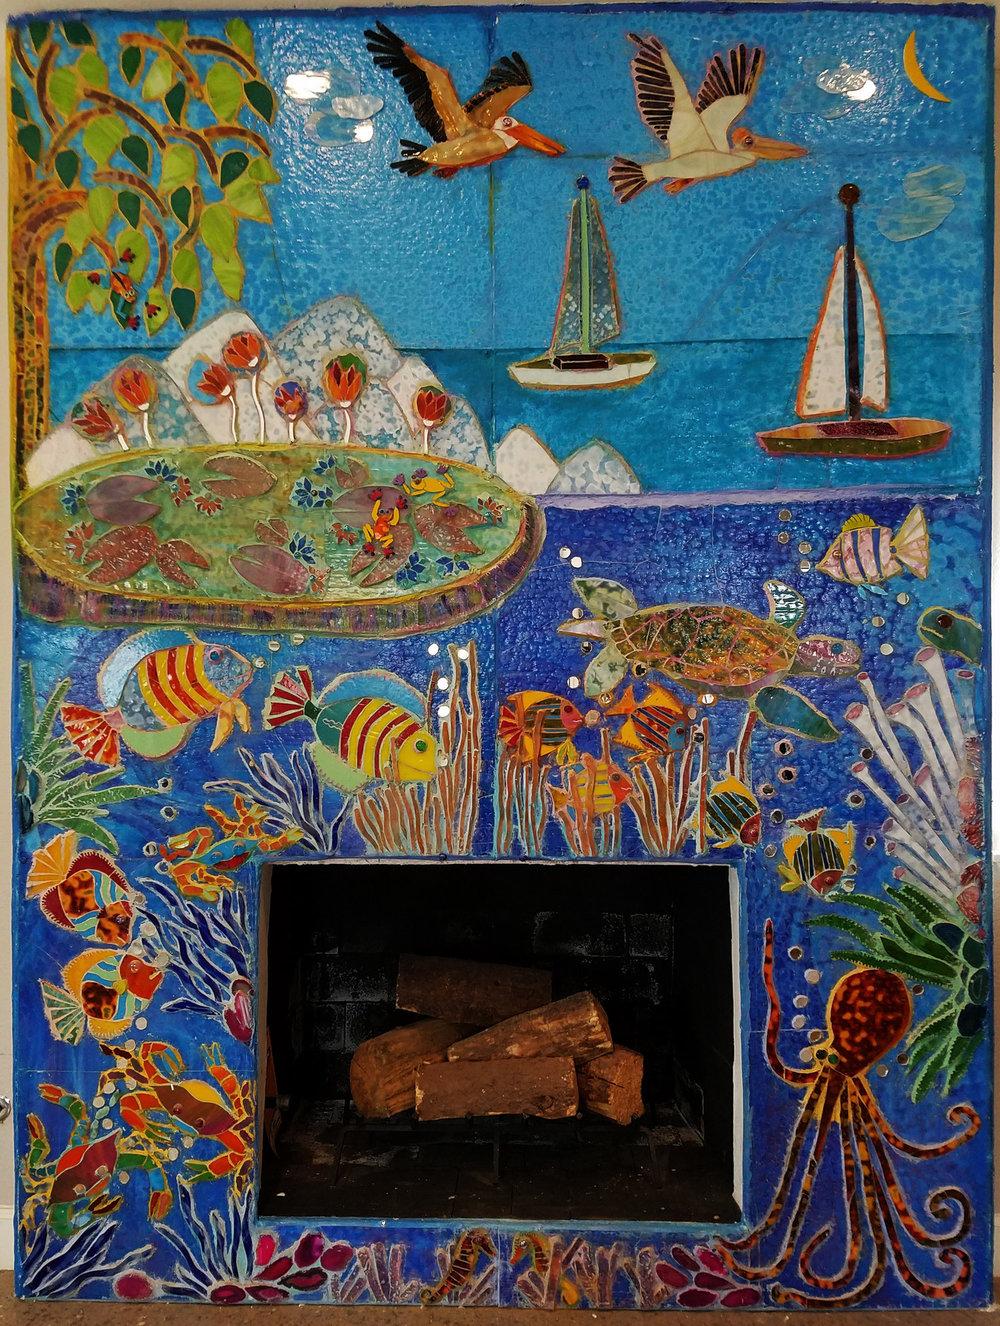 Fireplace Fish Mosaic